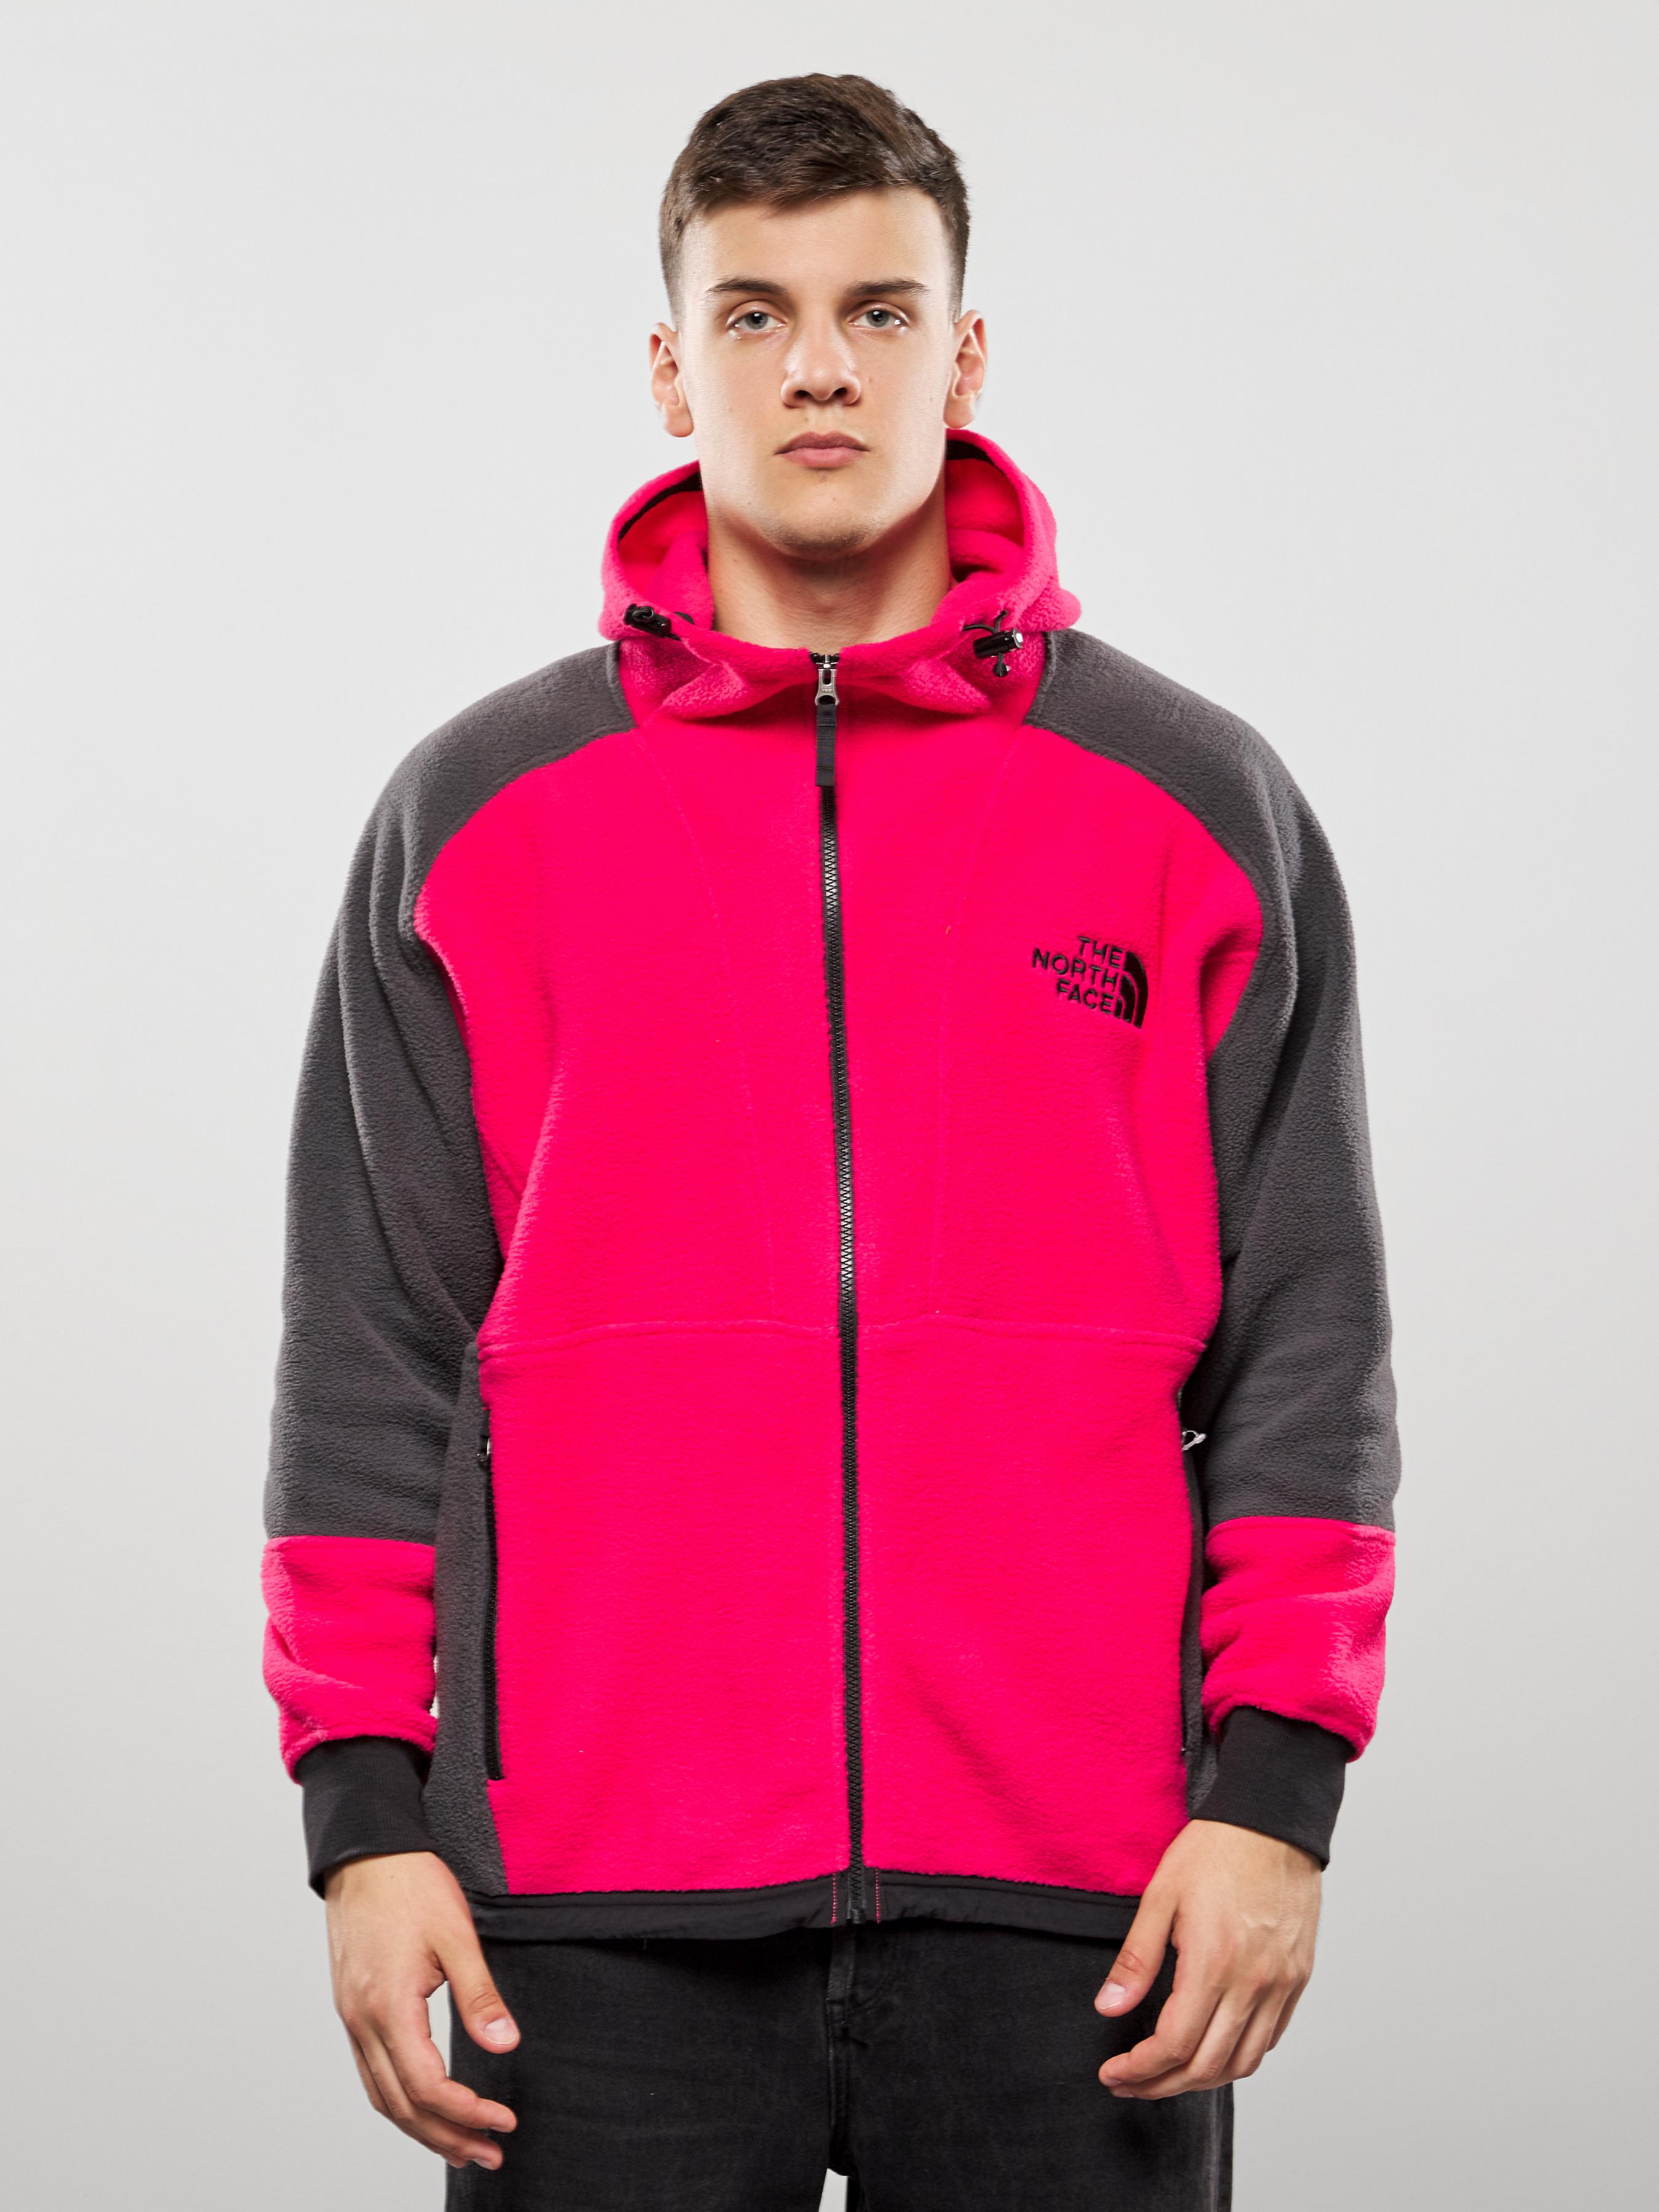 Кофты и свитера мужские The North Face модель N2747 приобрести, 2017